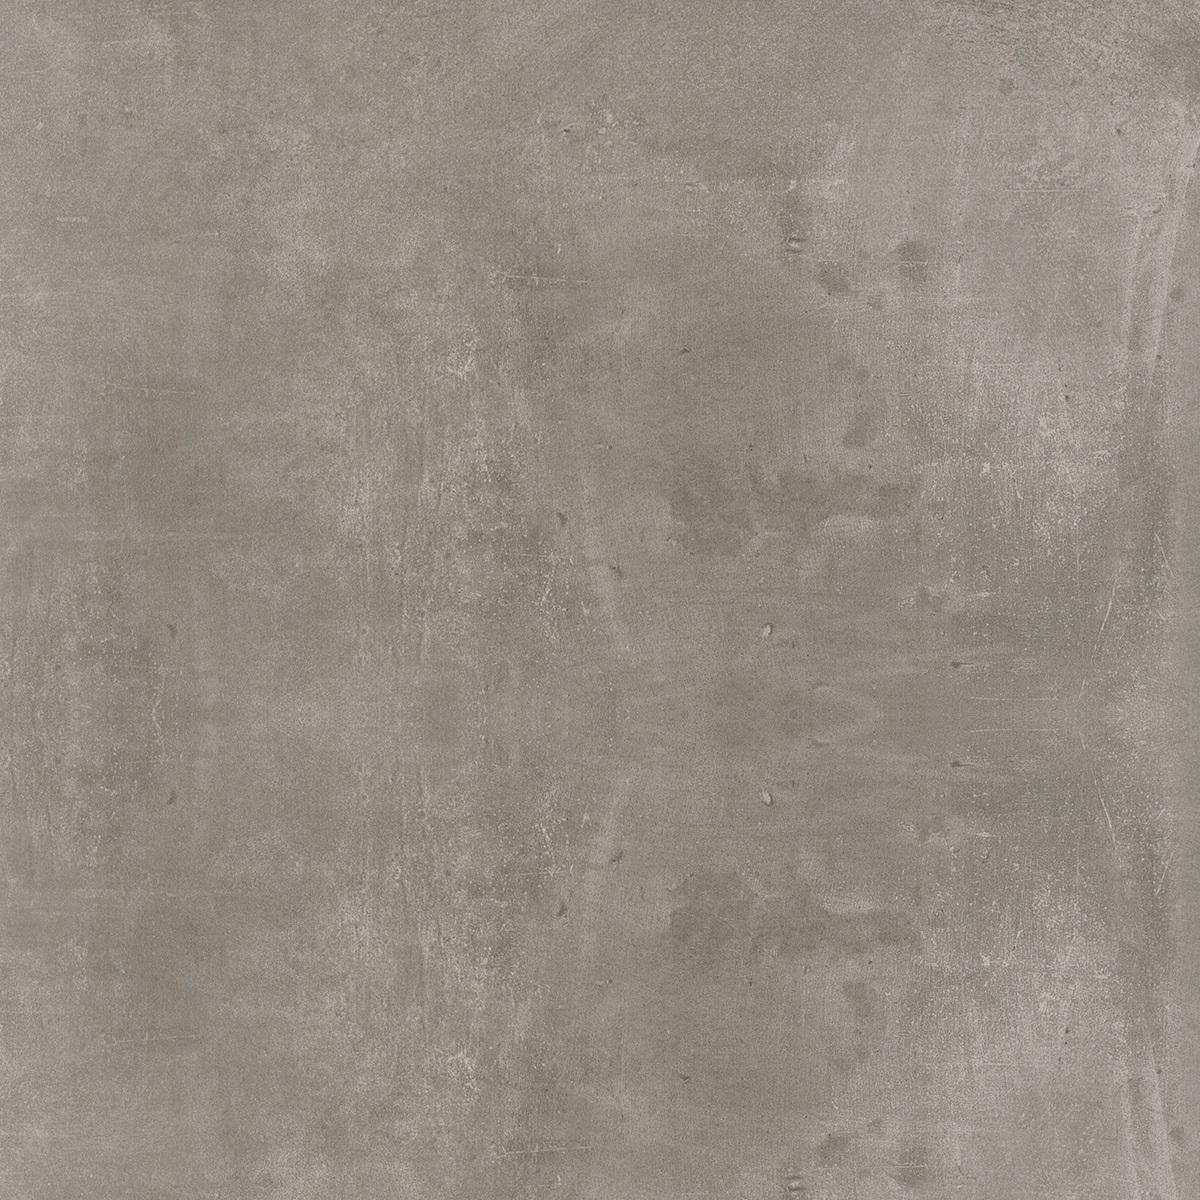 Stark carrelage int rieur sol et mur 60x60 smoke effet for Carrelage exterieur texture